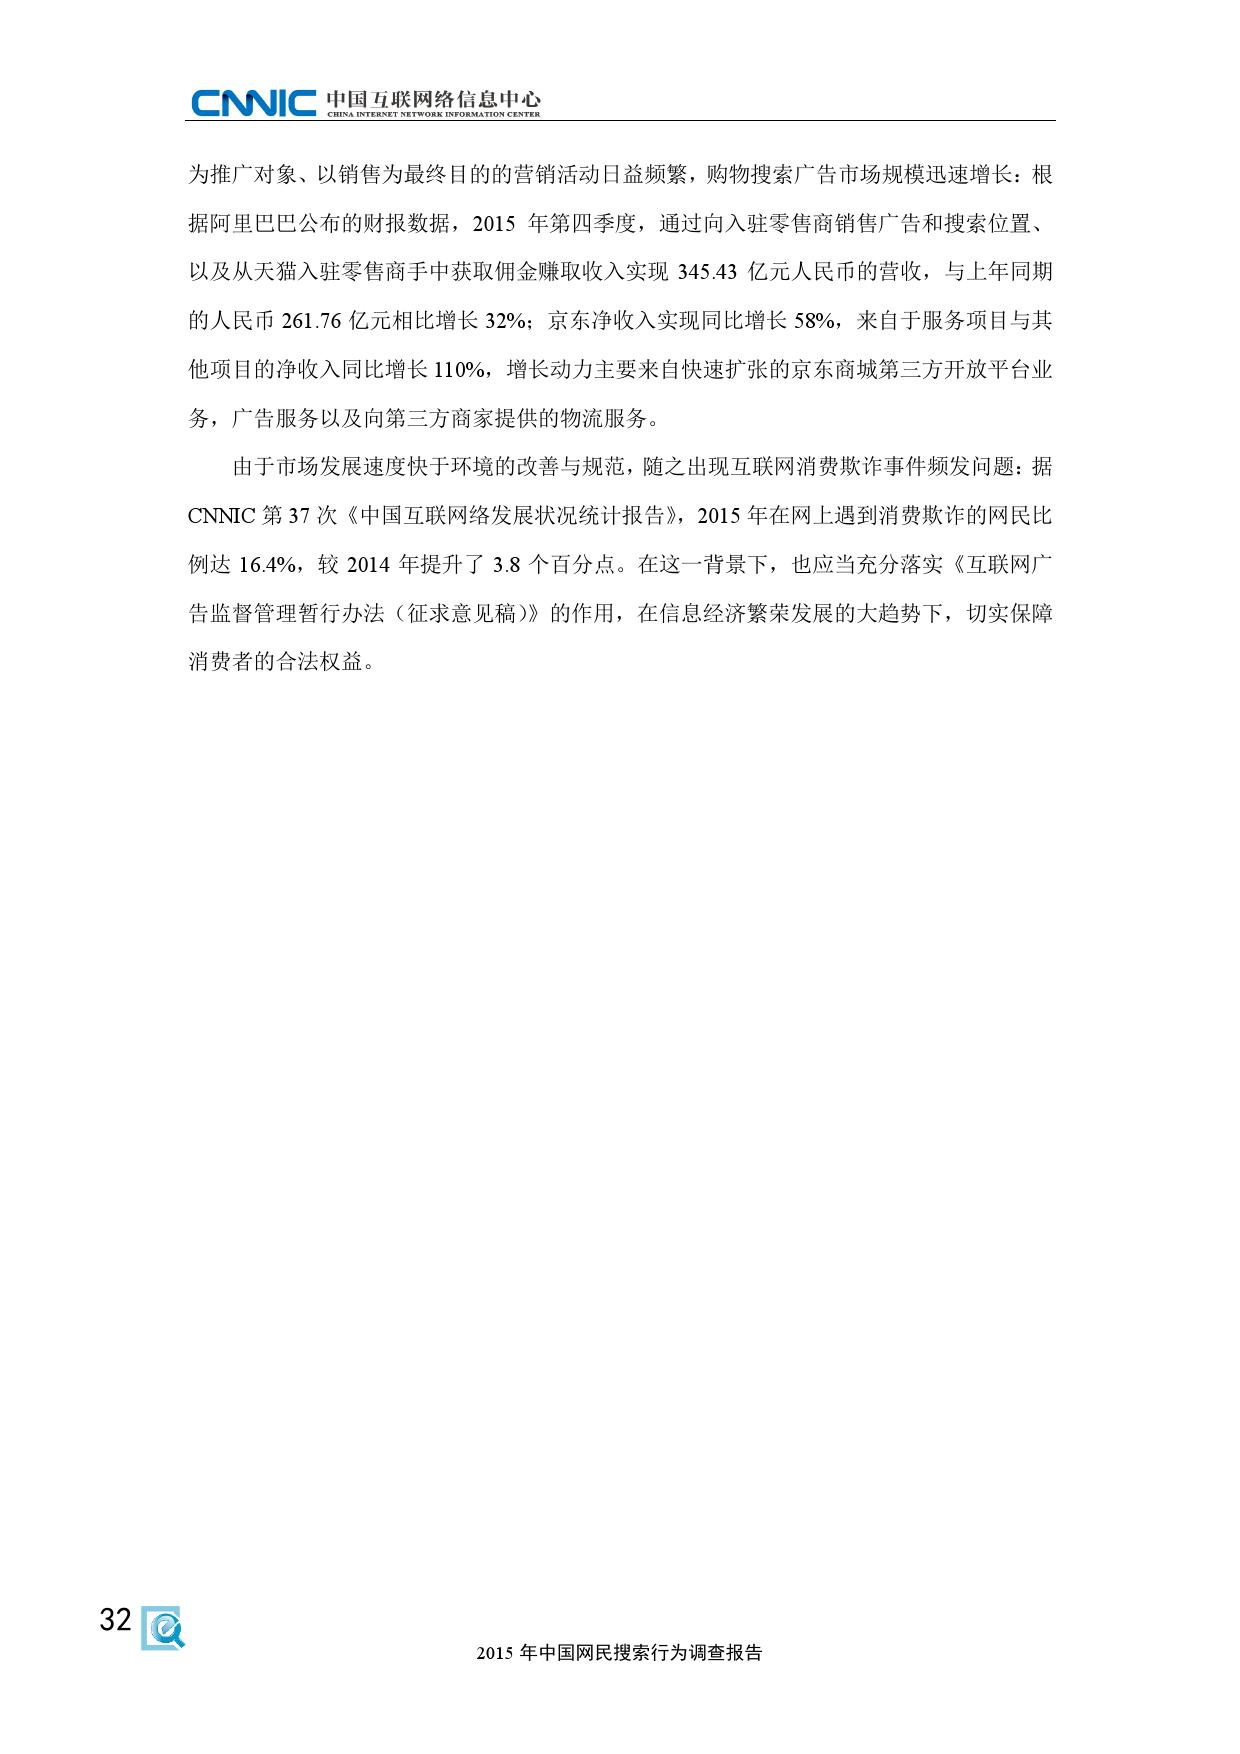 CNNIC:2015年中国网民搜索行为调查_000040